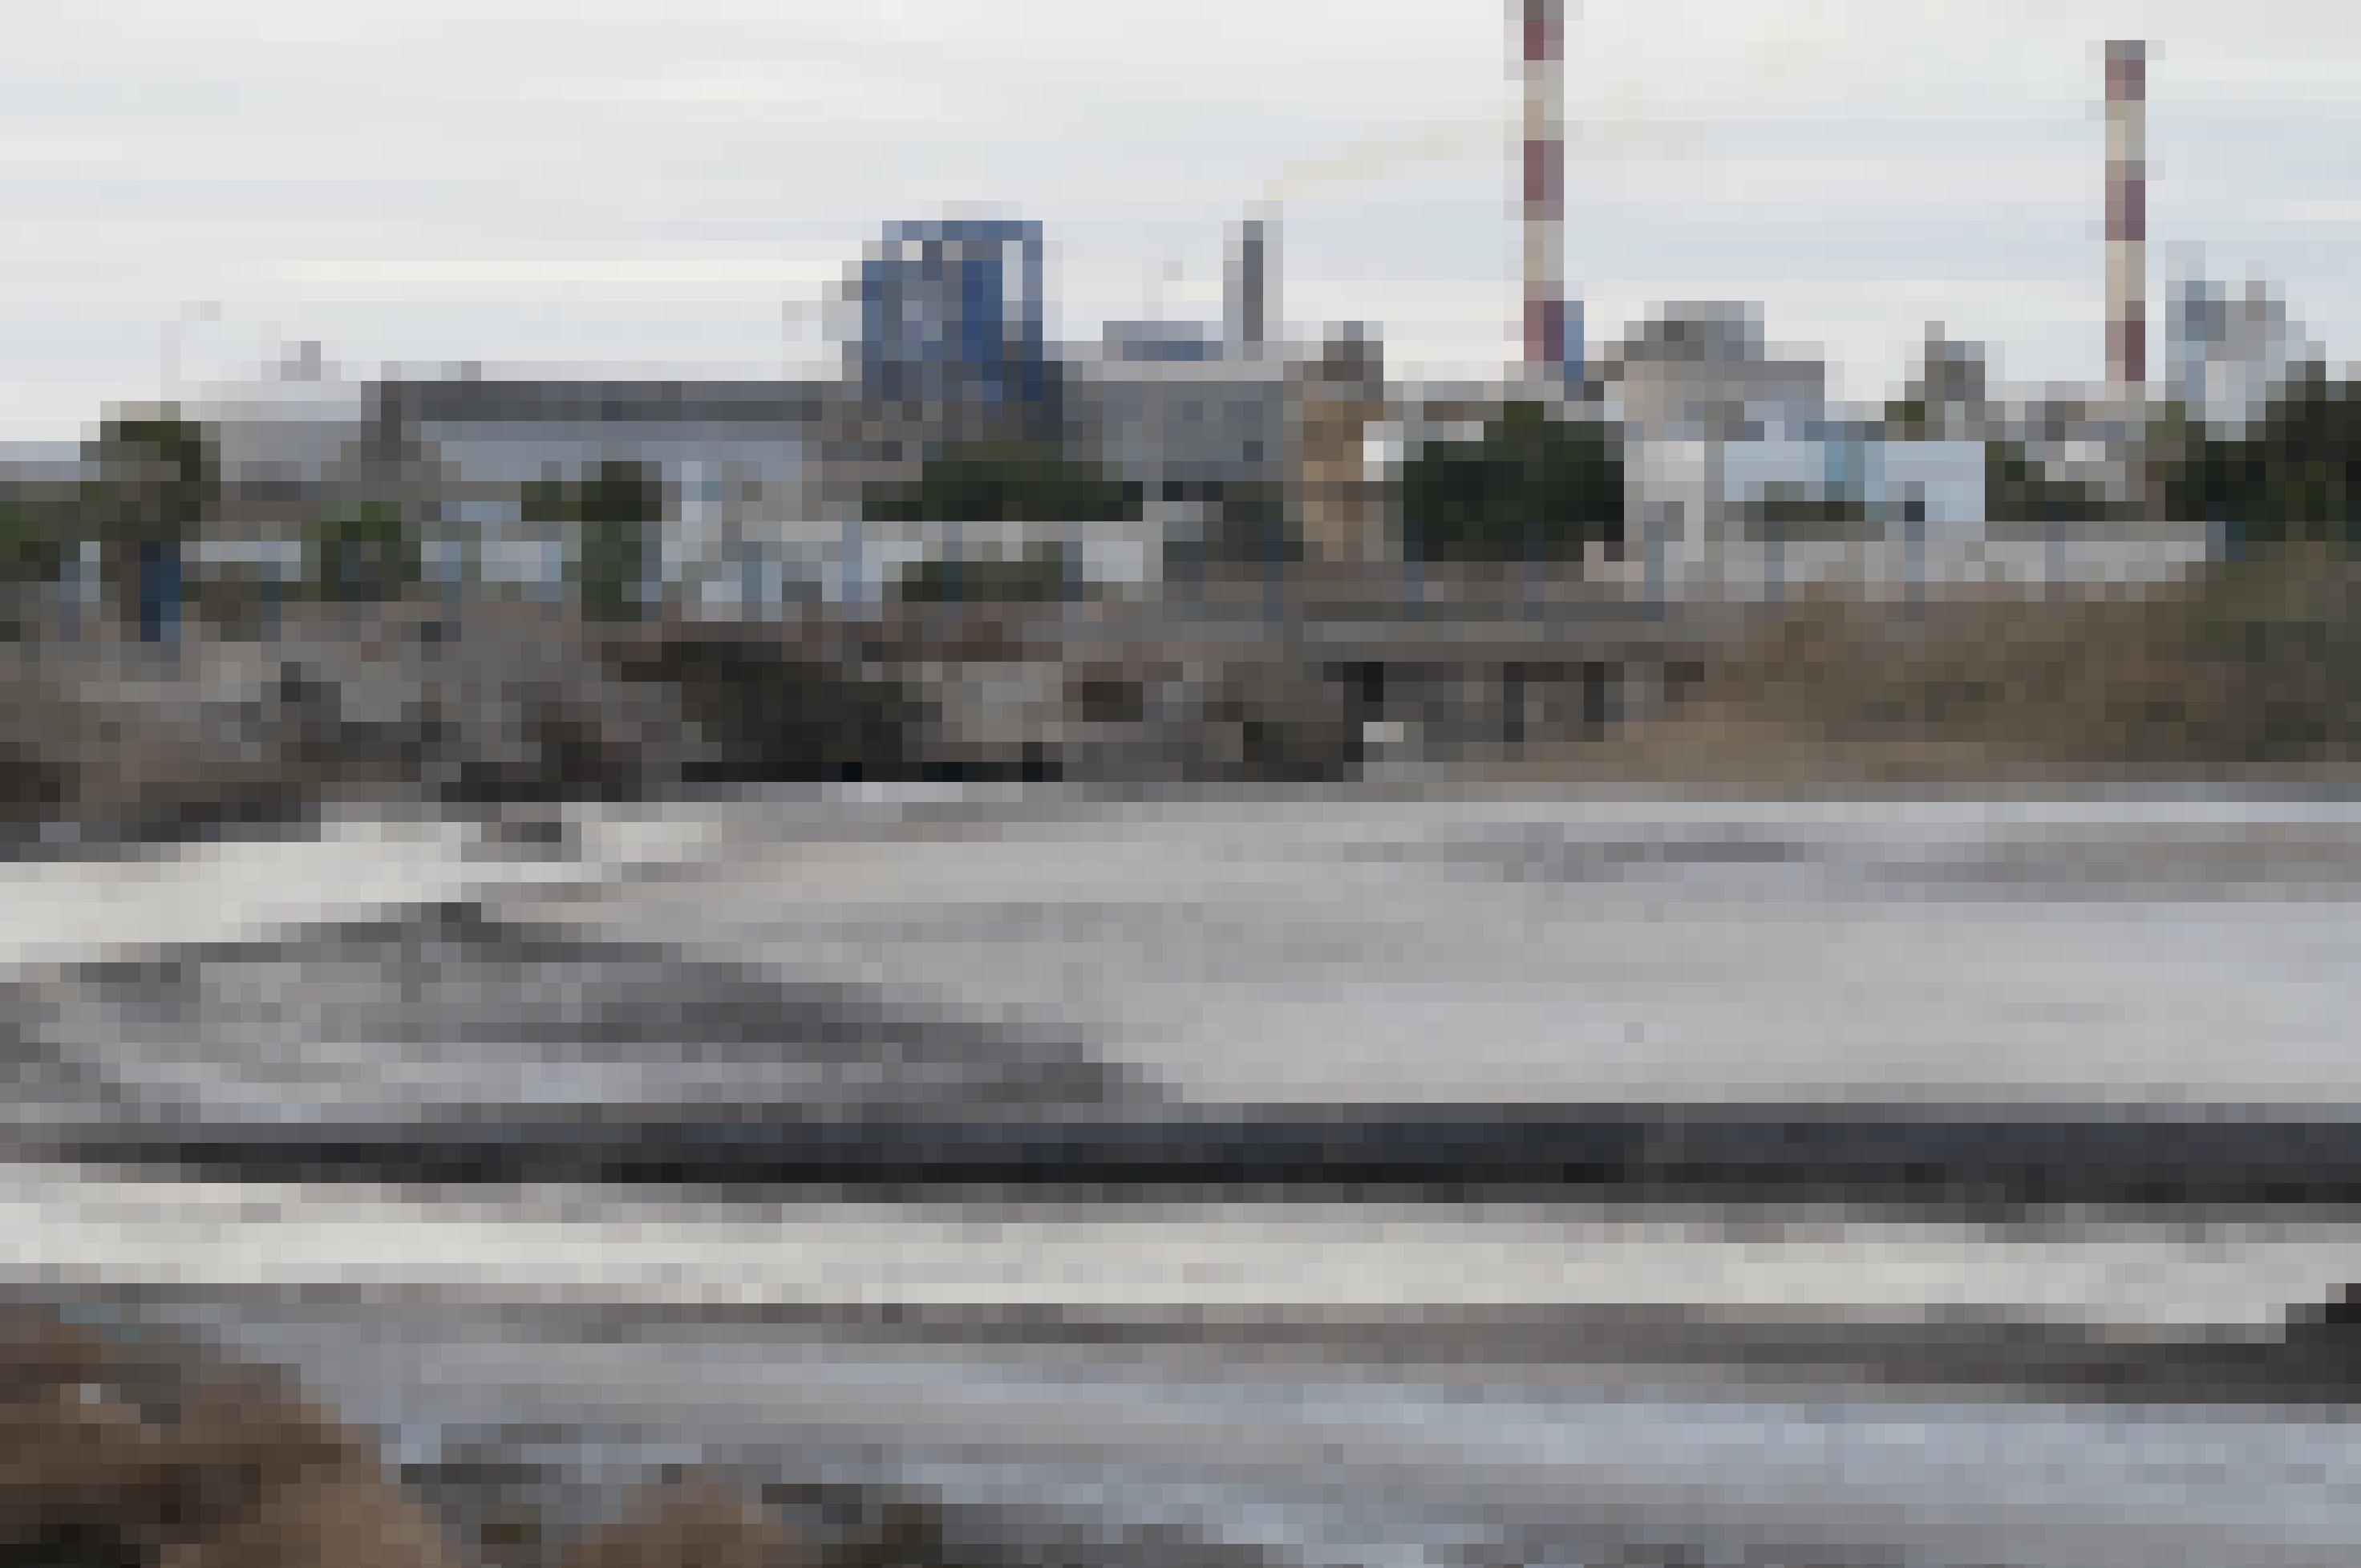 Eine schwarze, zähflüssige Masse wird aus einer Fabrik geleitet.